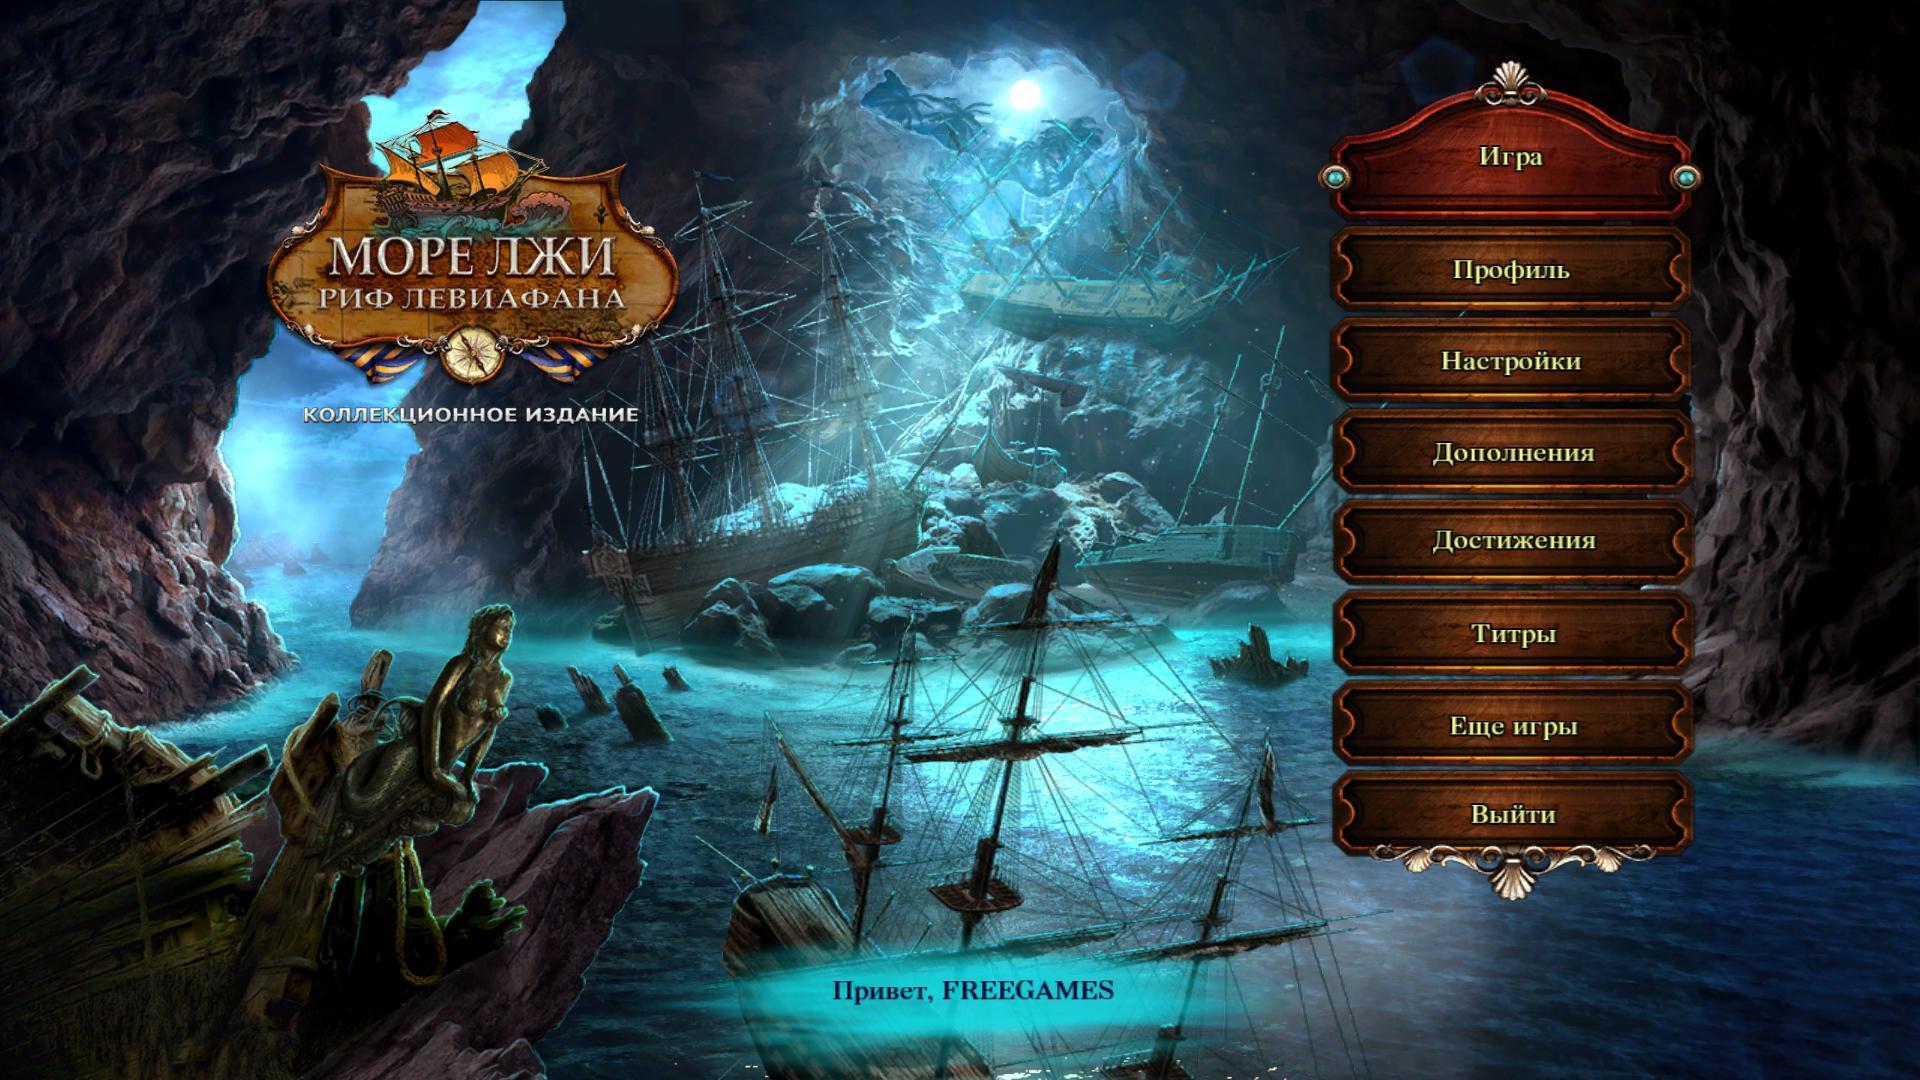 Море лжи 6: Риф Левиафана. Коллекционное издание | Sea of Lies 6: Leviathan Reef CE (Rus)